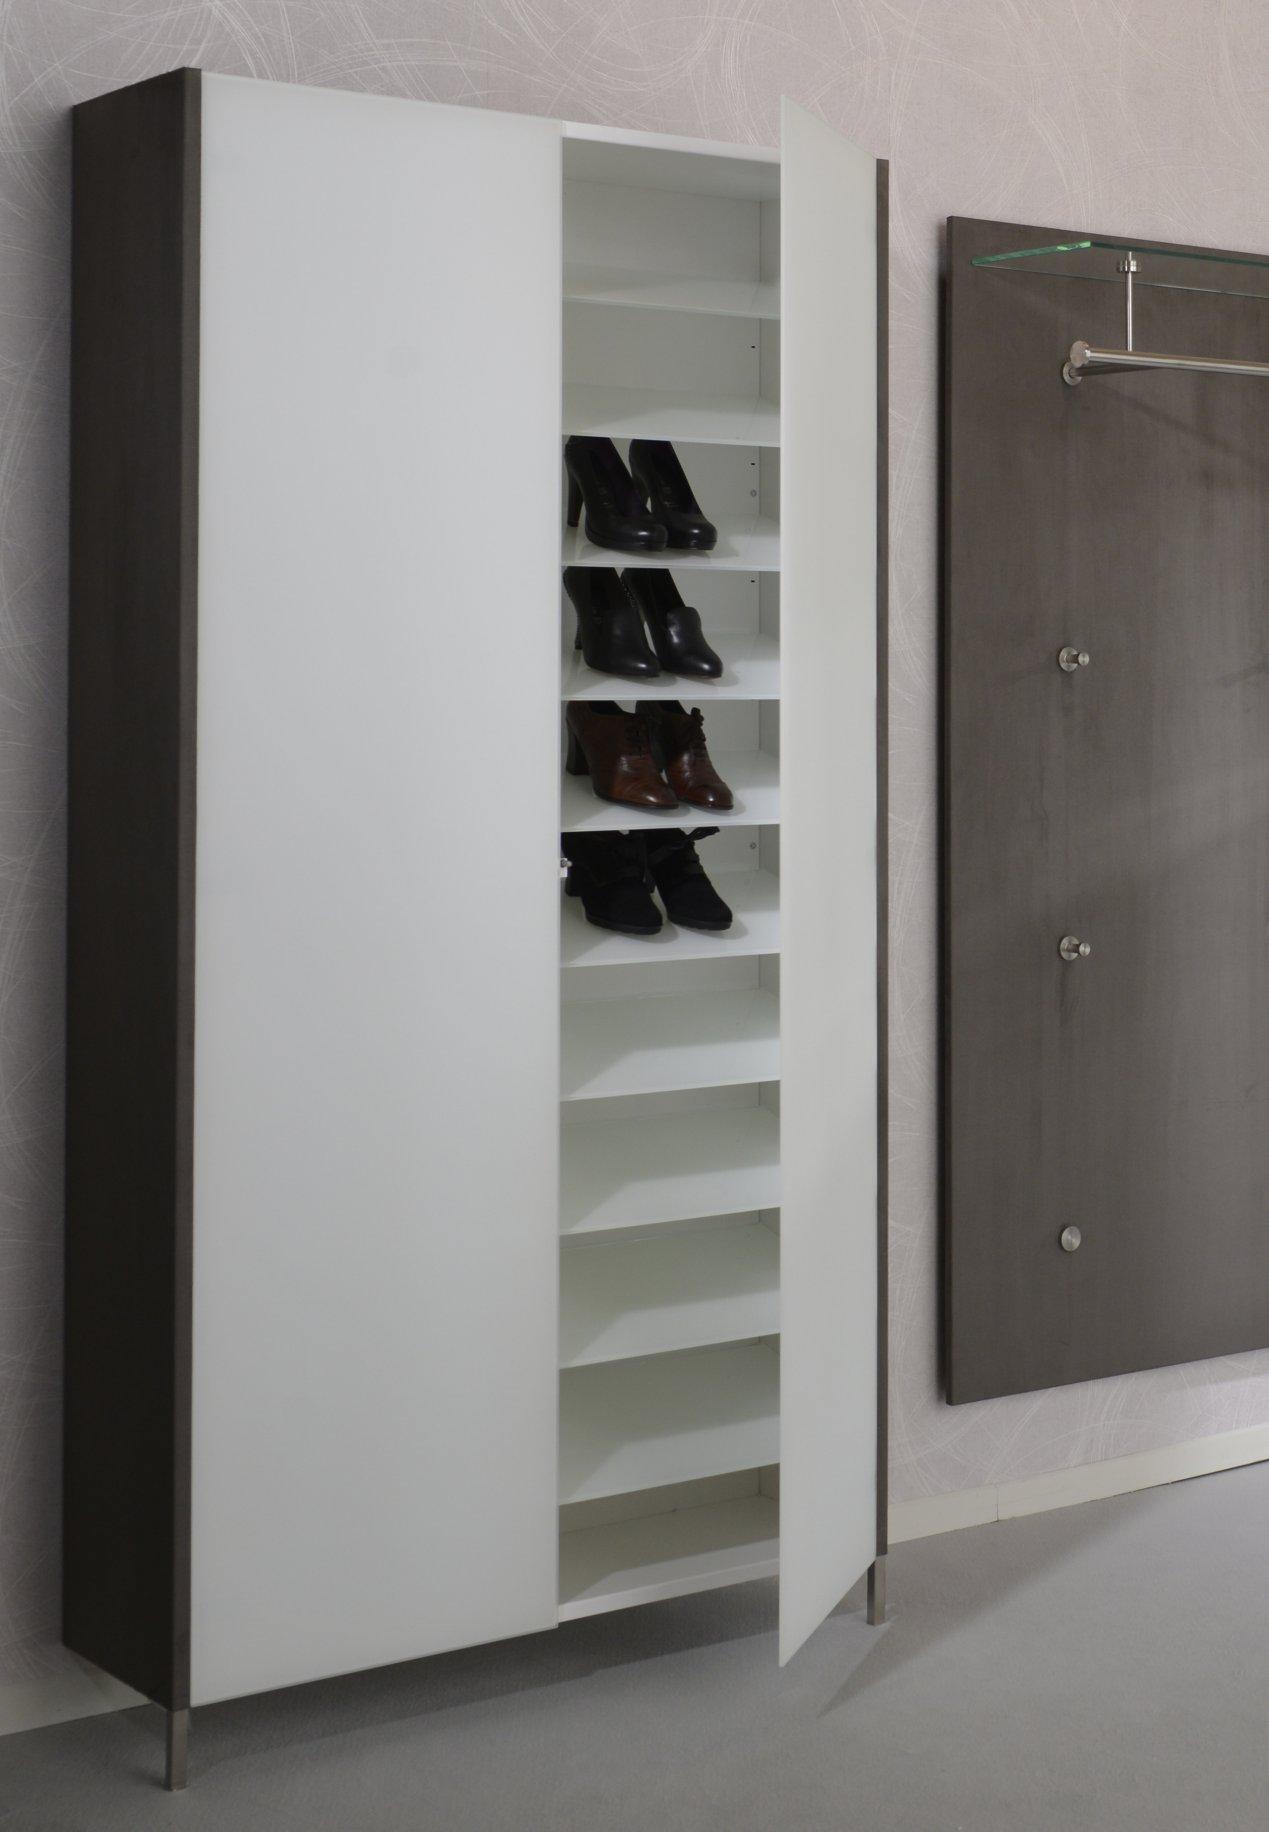 Schuhregal-Wandschrank aus Stahl 11 Glas-Schuhböden ca. 66 Paar Schuhe